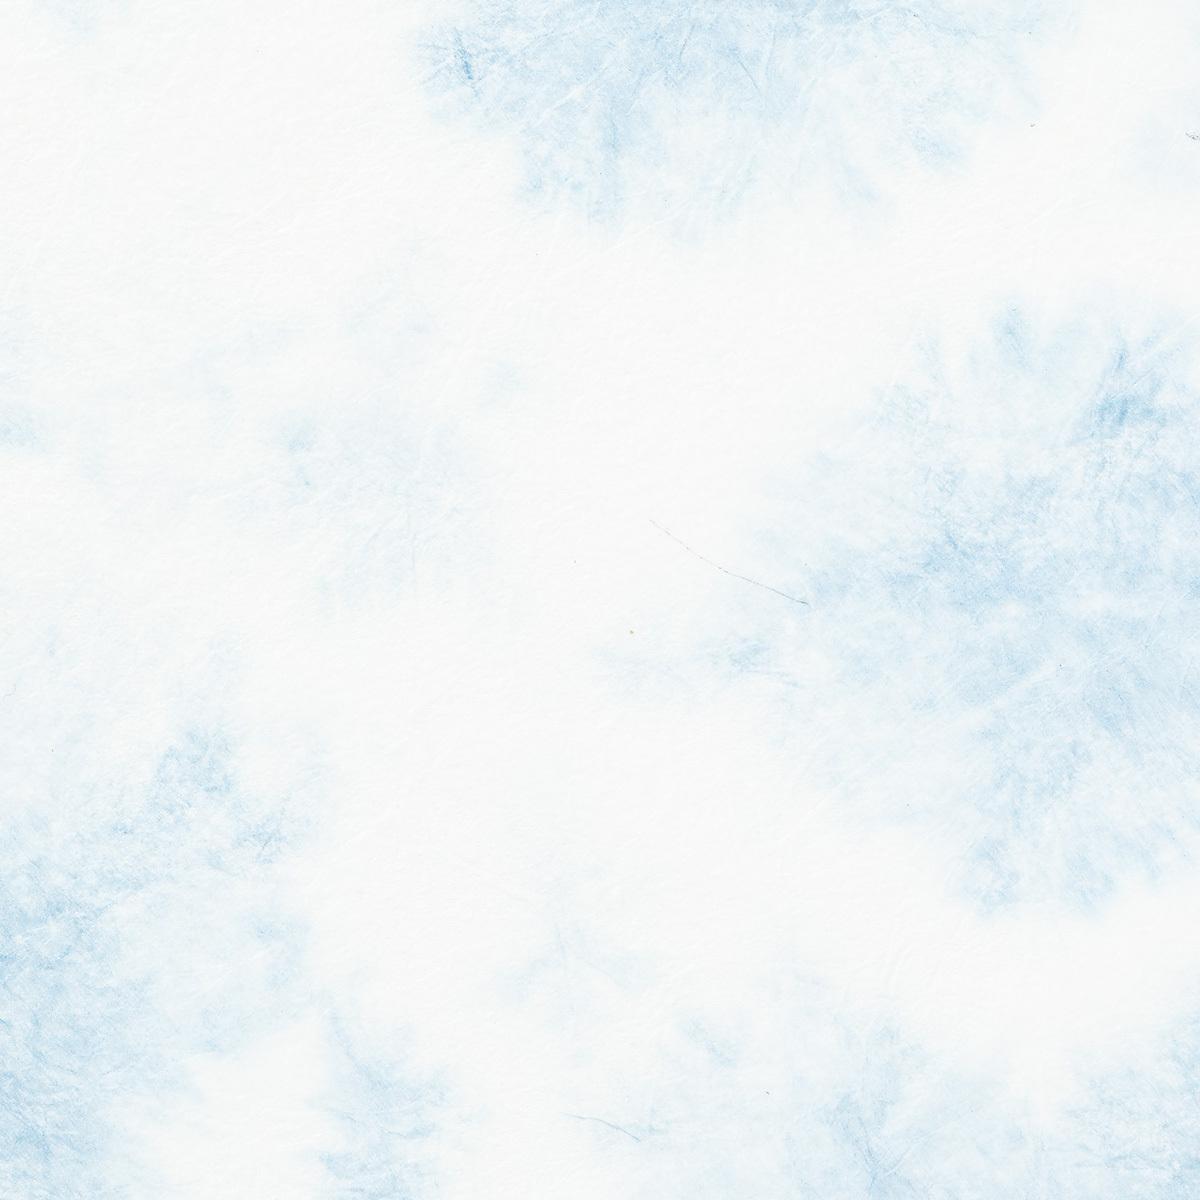 典具帖紙 本藍染め No.5